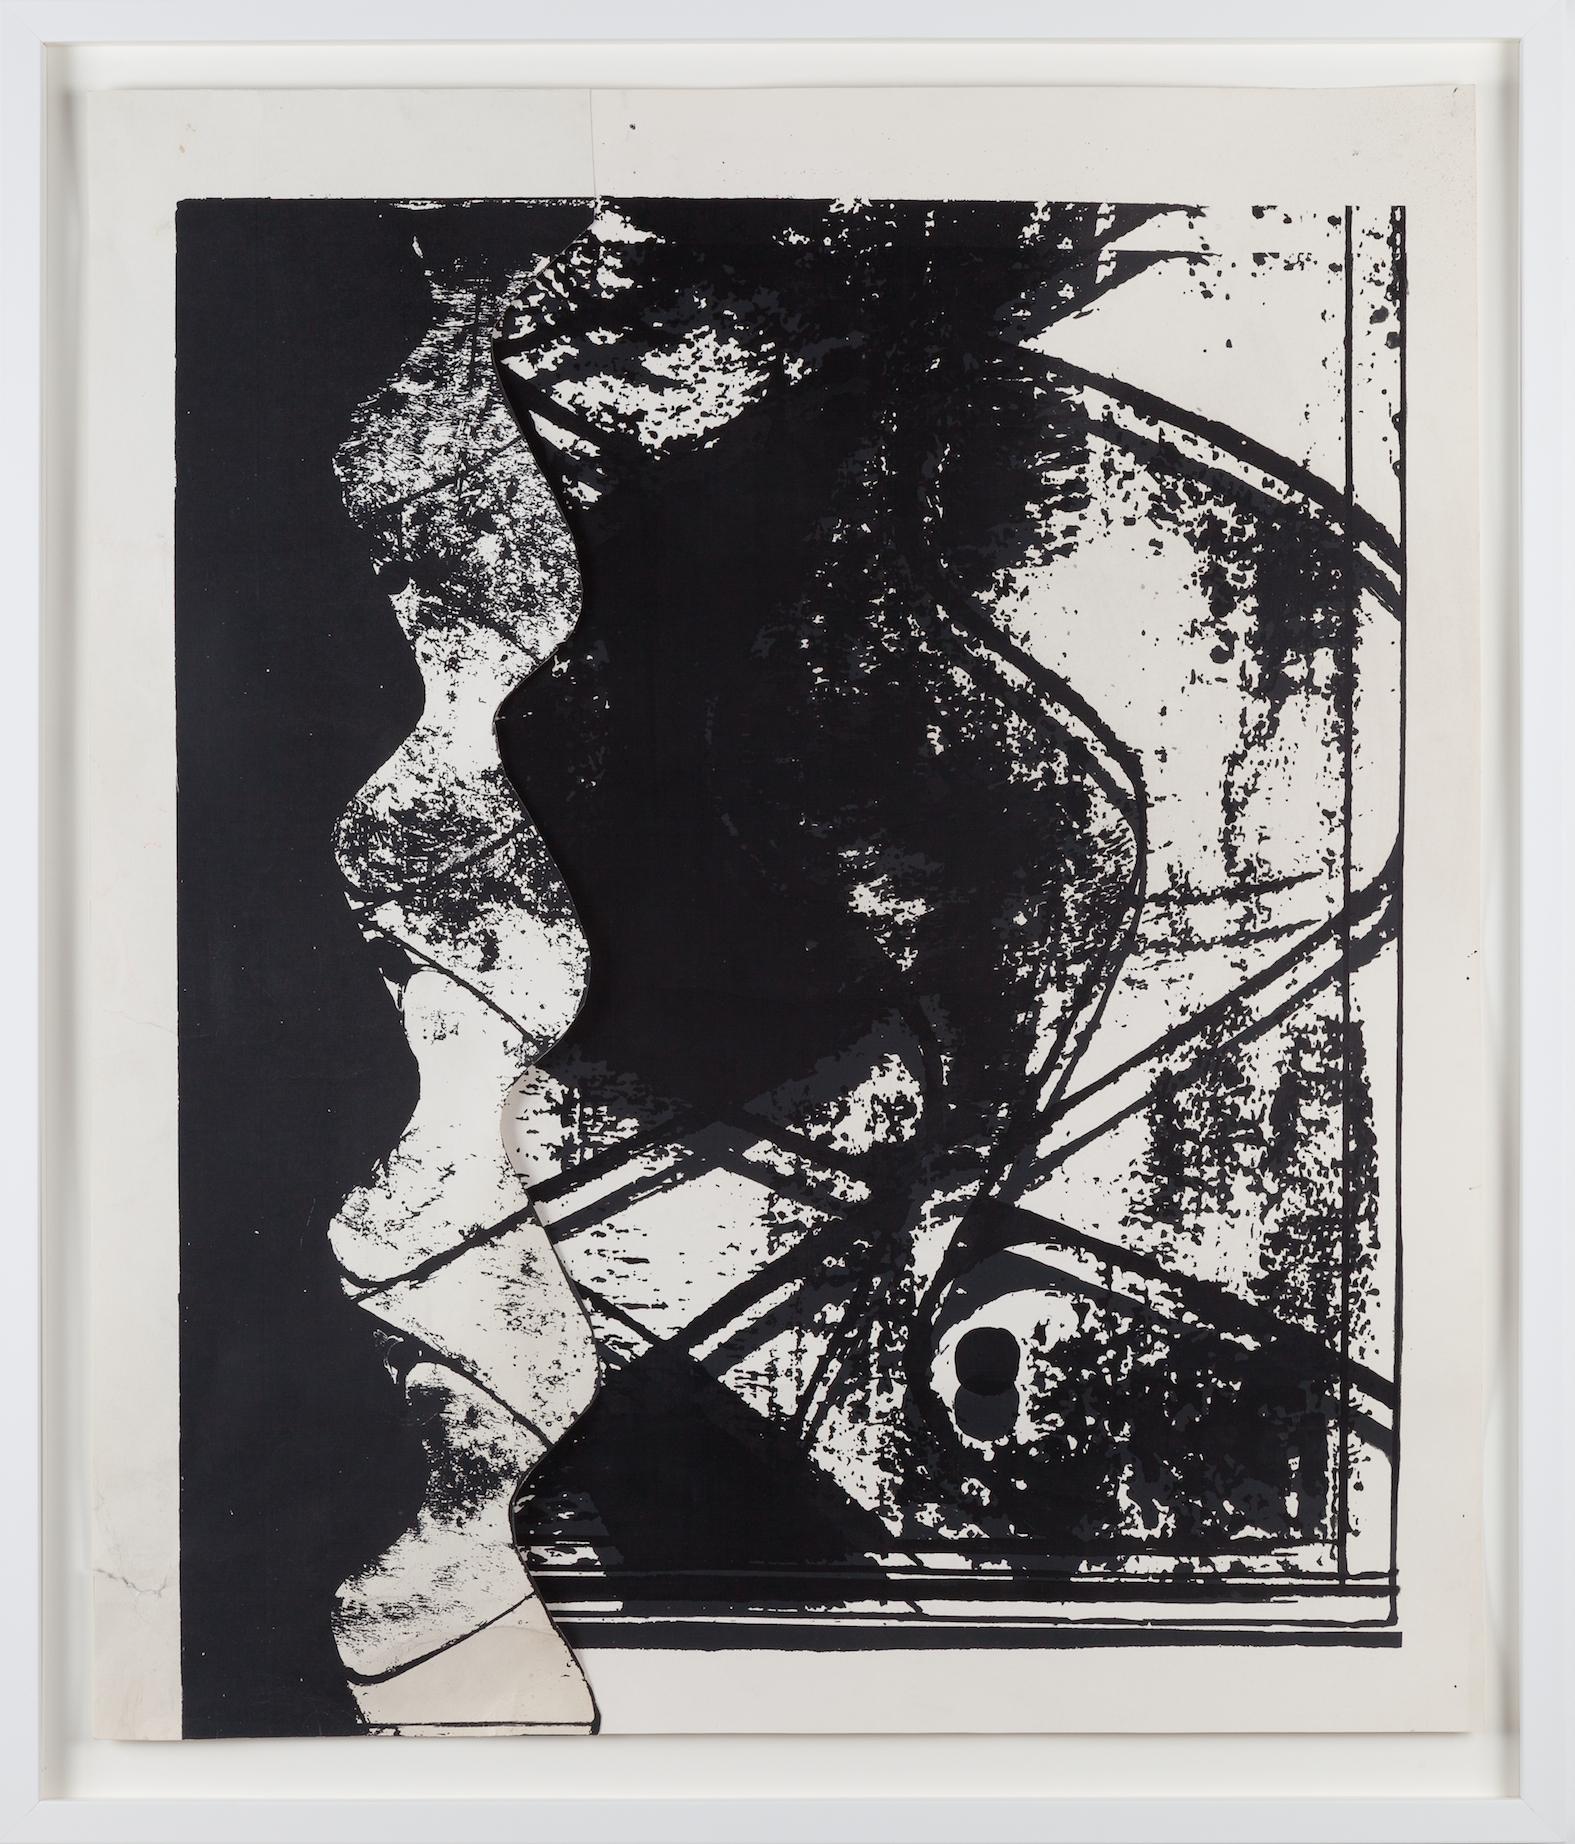 Action - Reaction, B, circa 1970, Silkscreen and collage, 85 x 71 cm